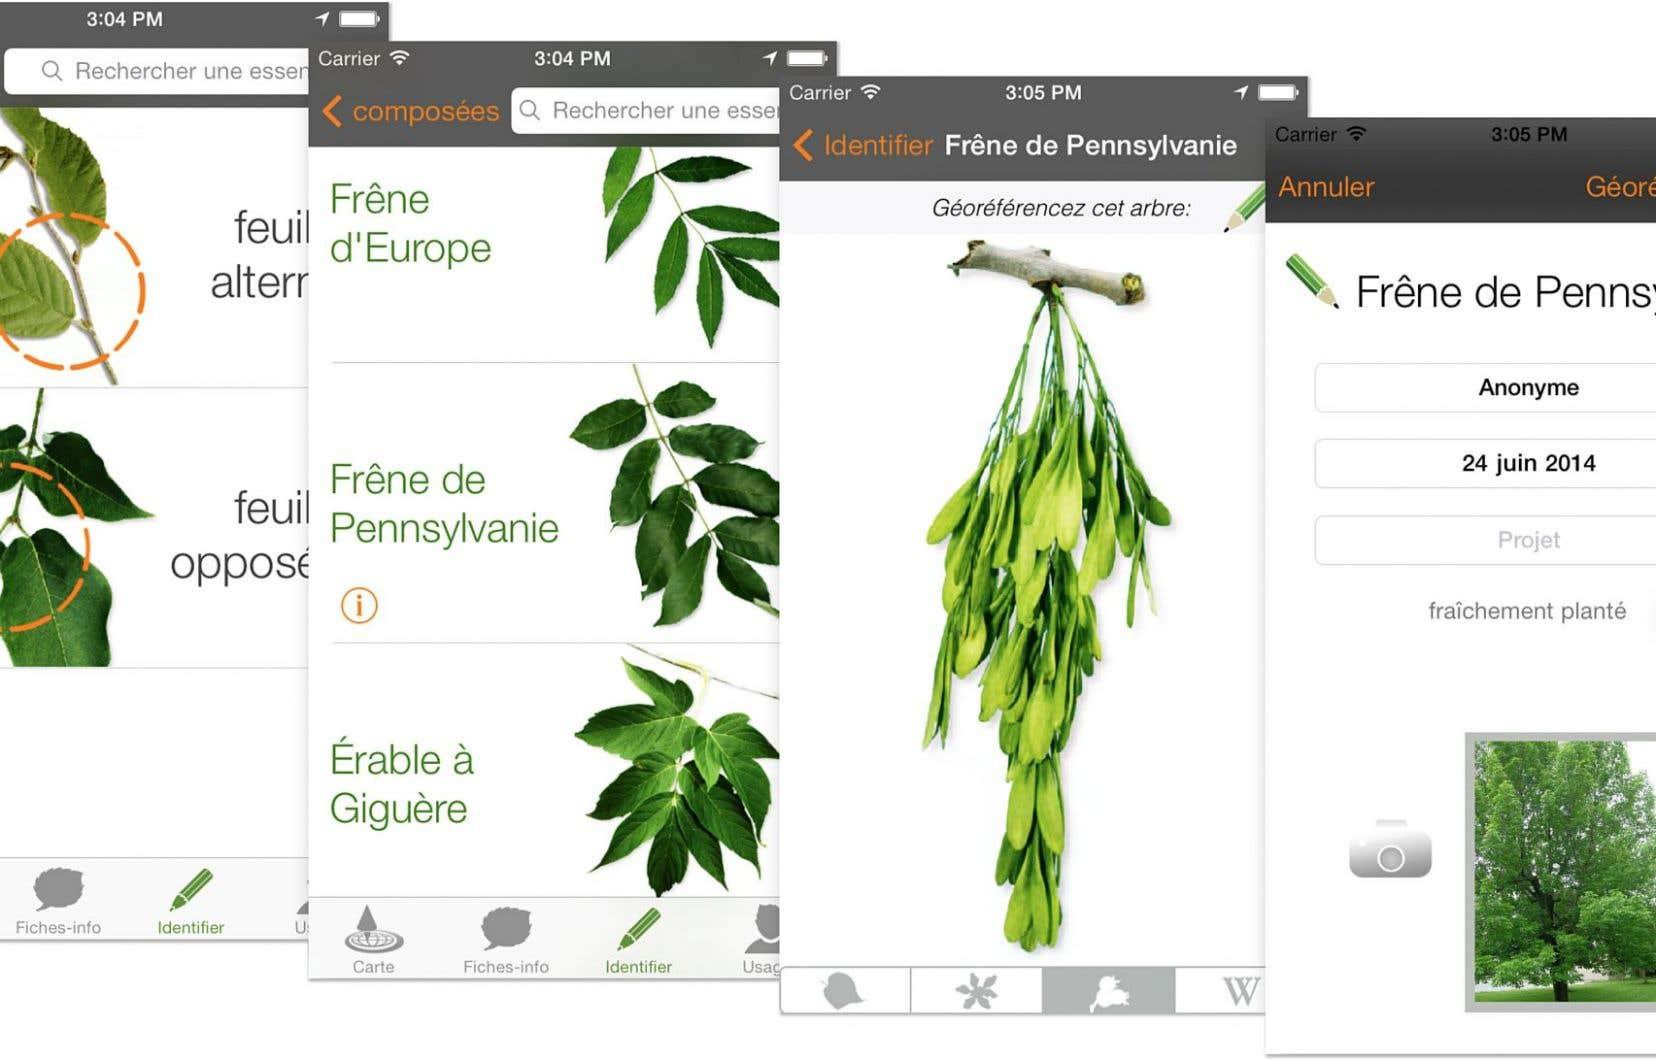 Des applications utiles pour identifier les végétaux | Le Devoir